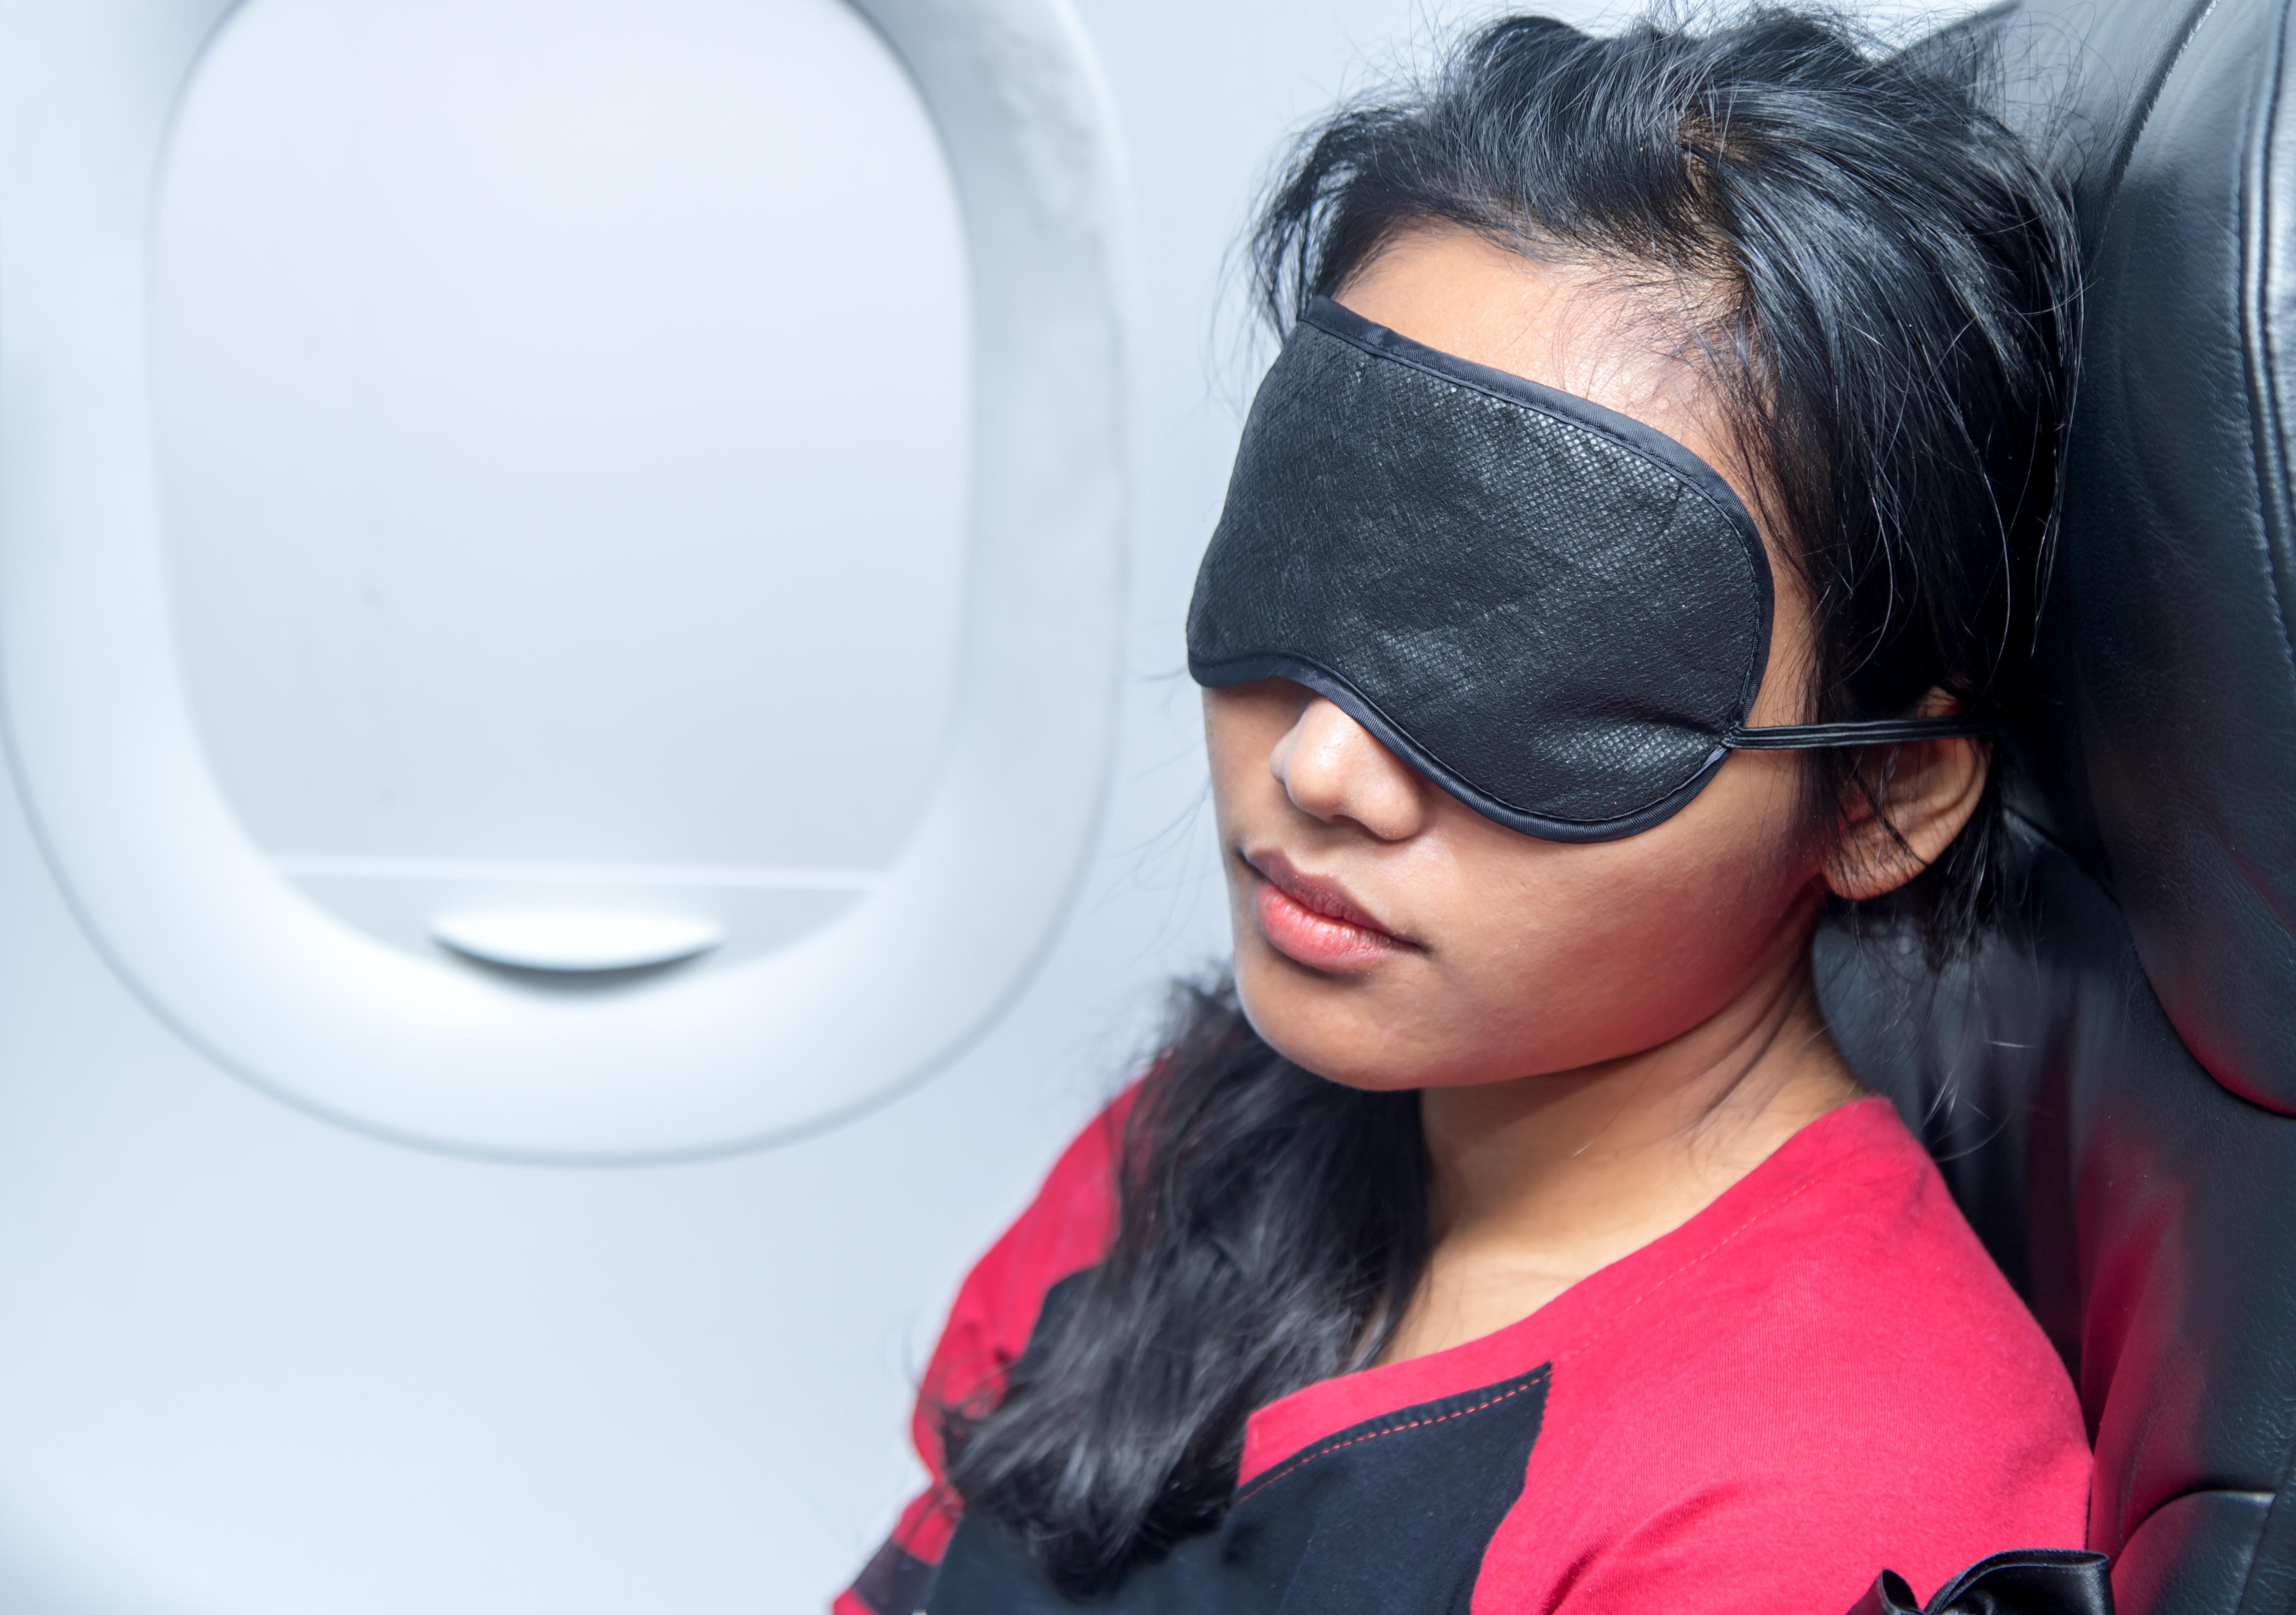 eye masks should fit comfortably